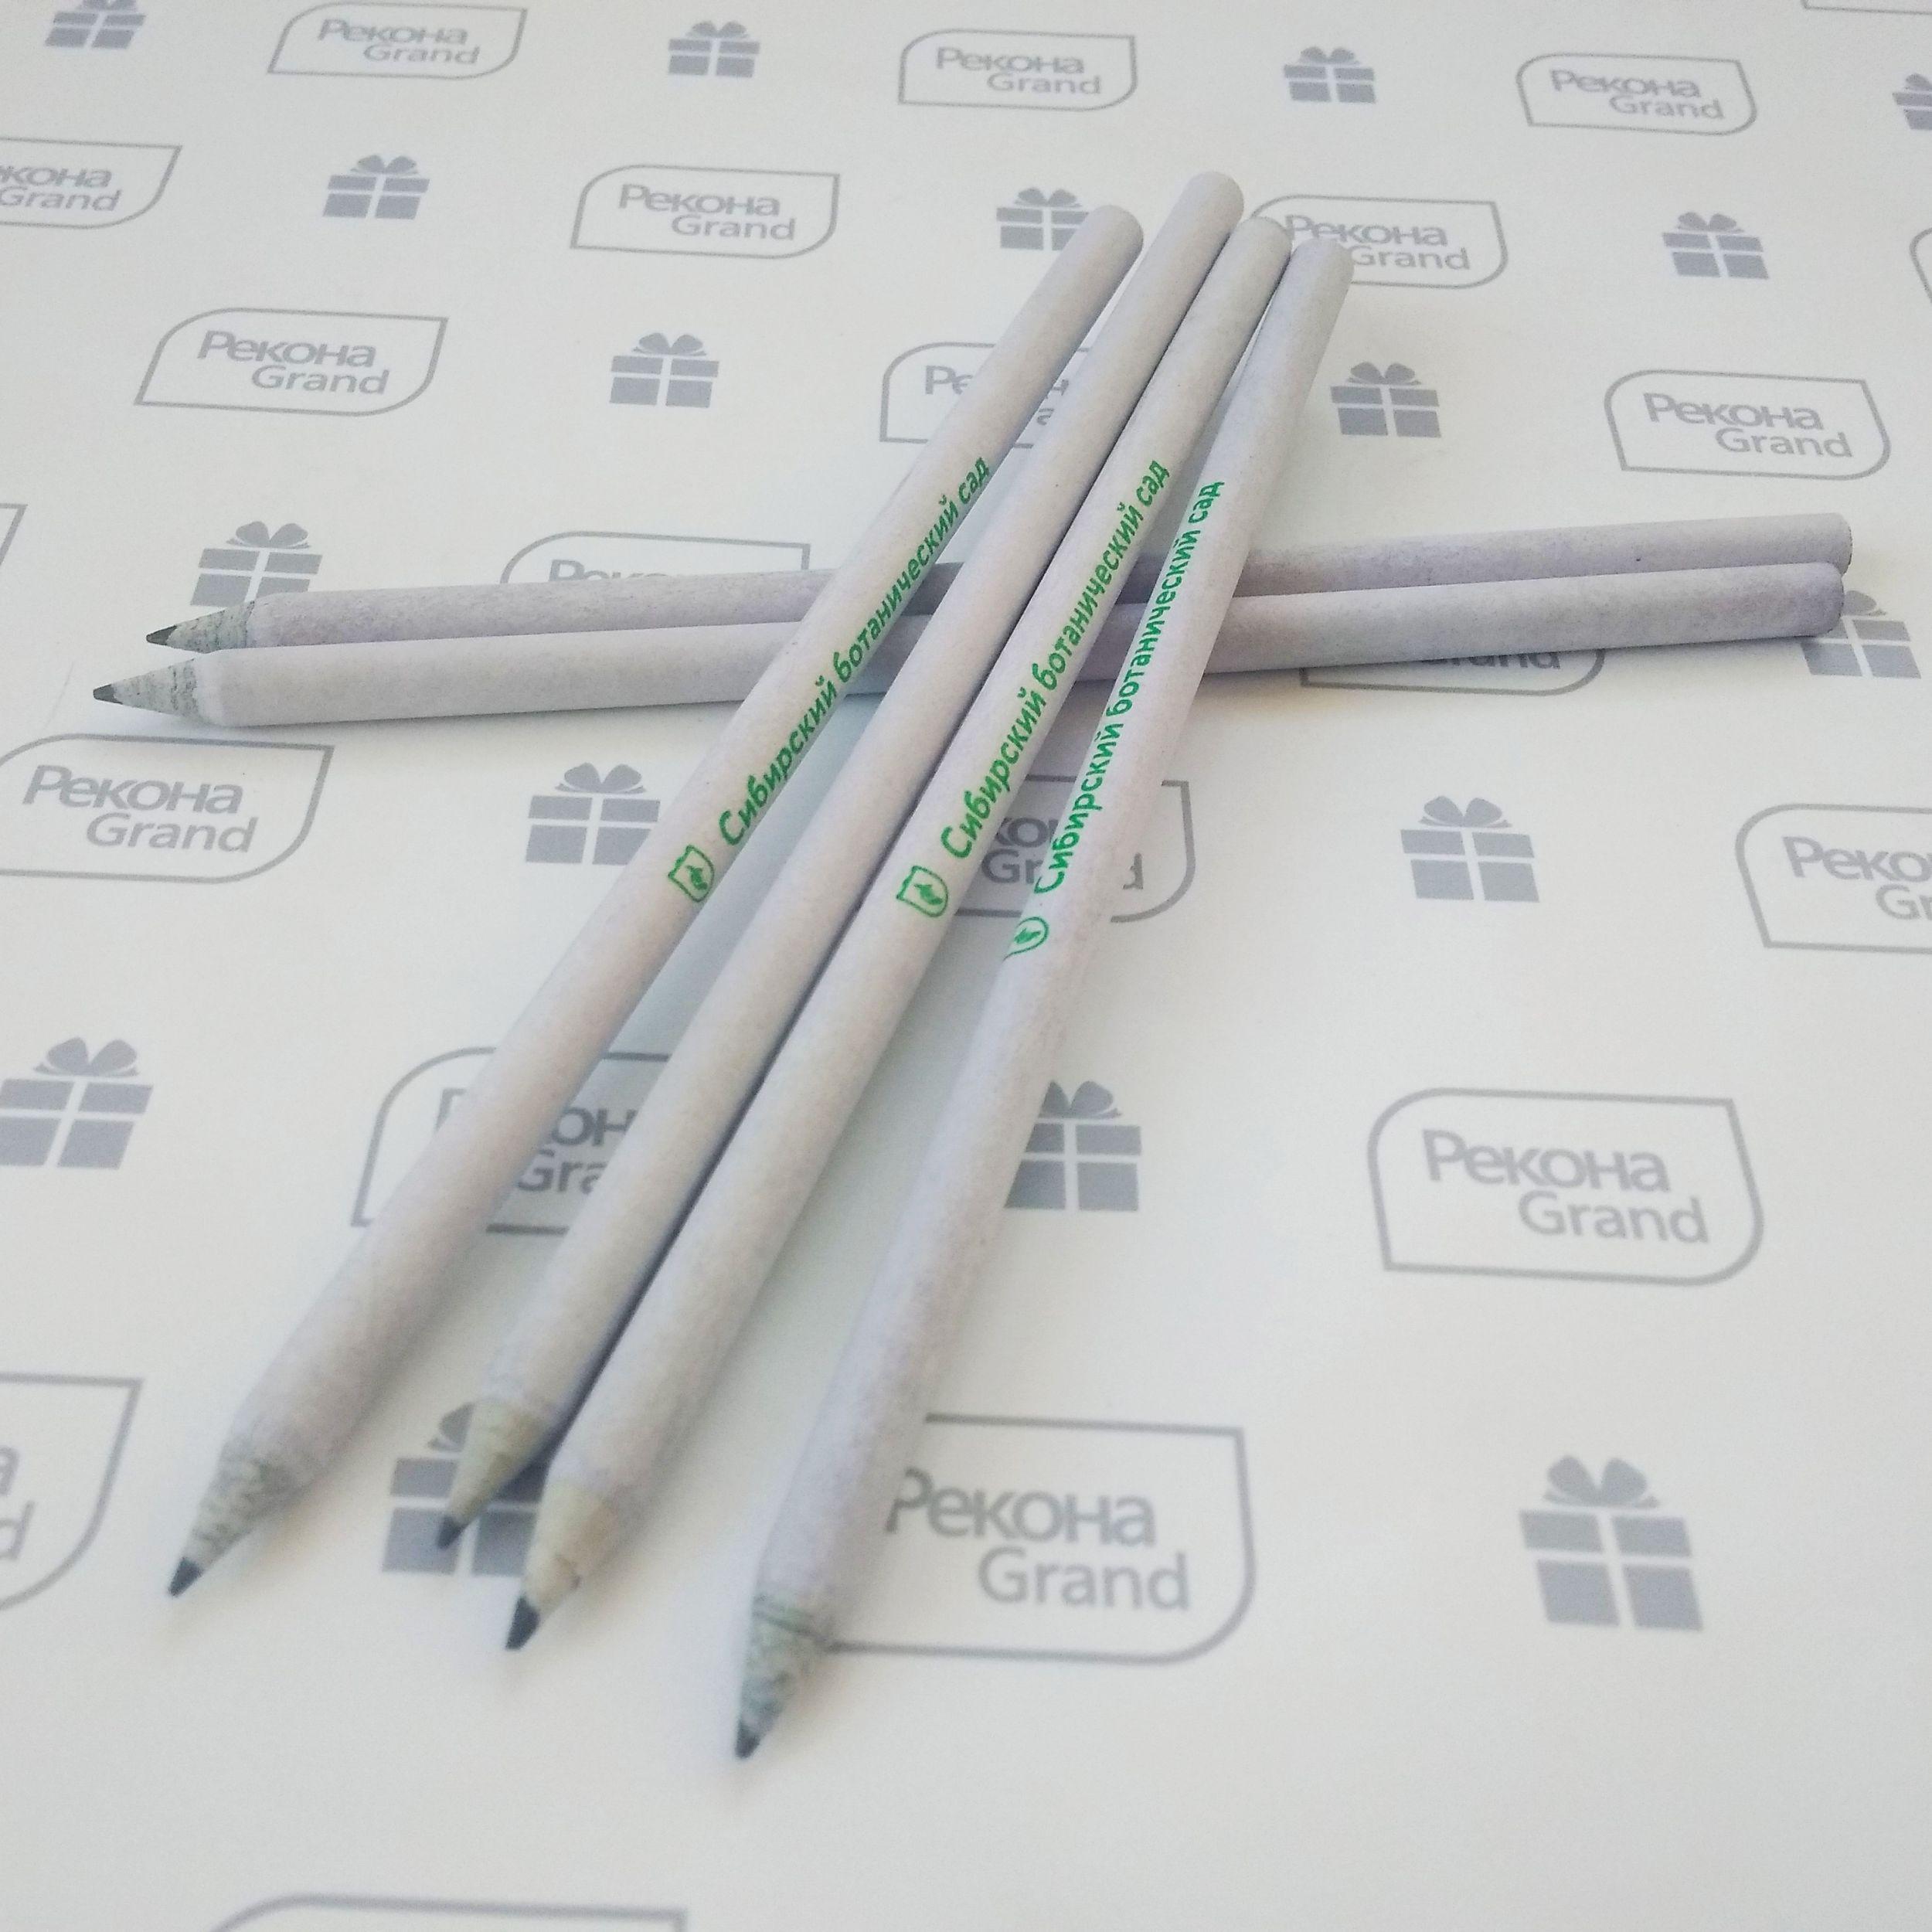 карандаши из переработанного картона с логотипом